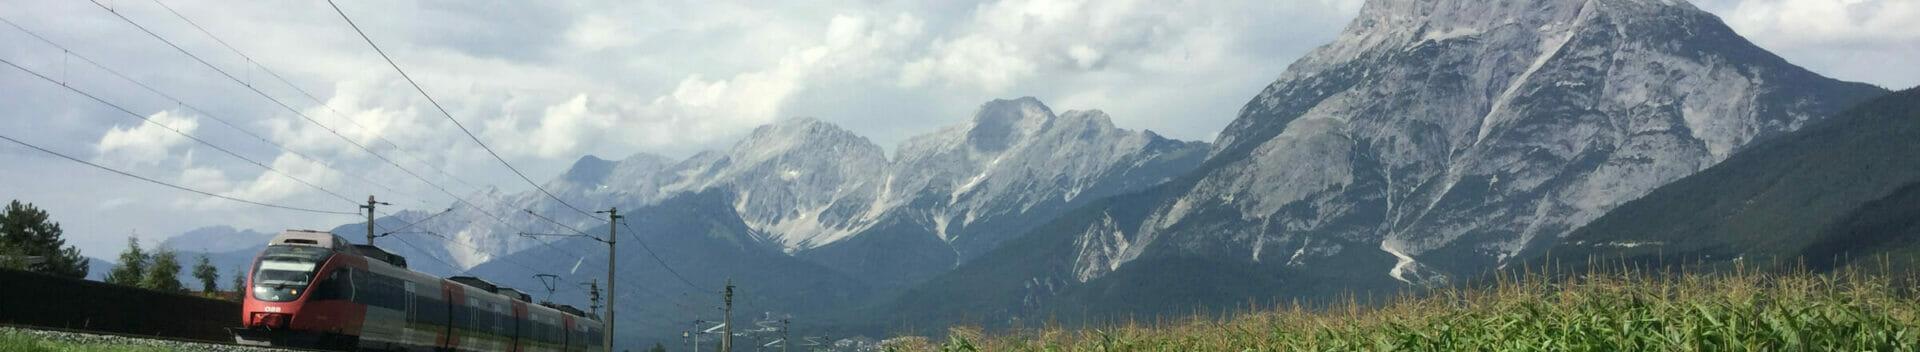 Flaurling Tirol Innradweg - Ausblick auf die Berge.